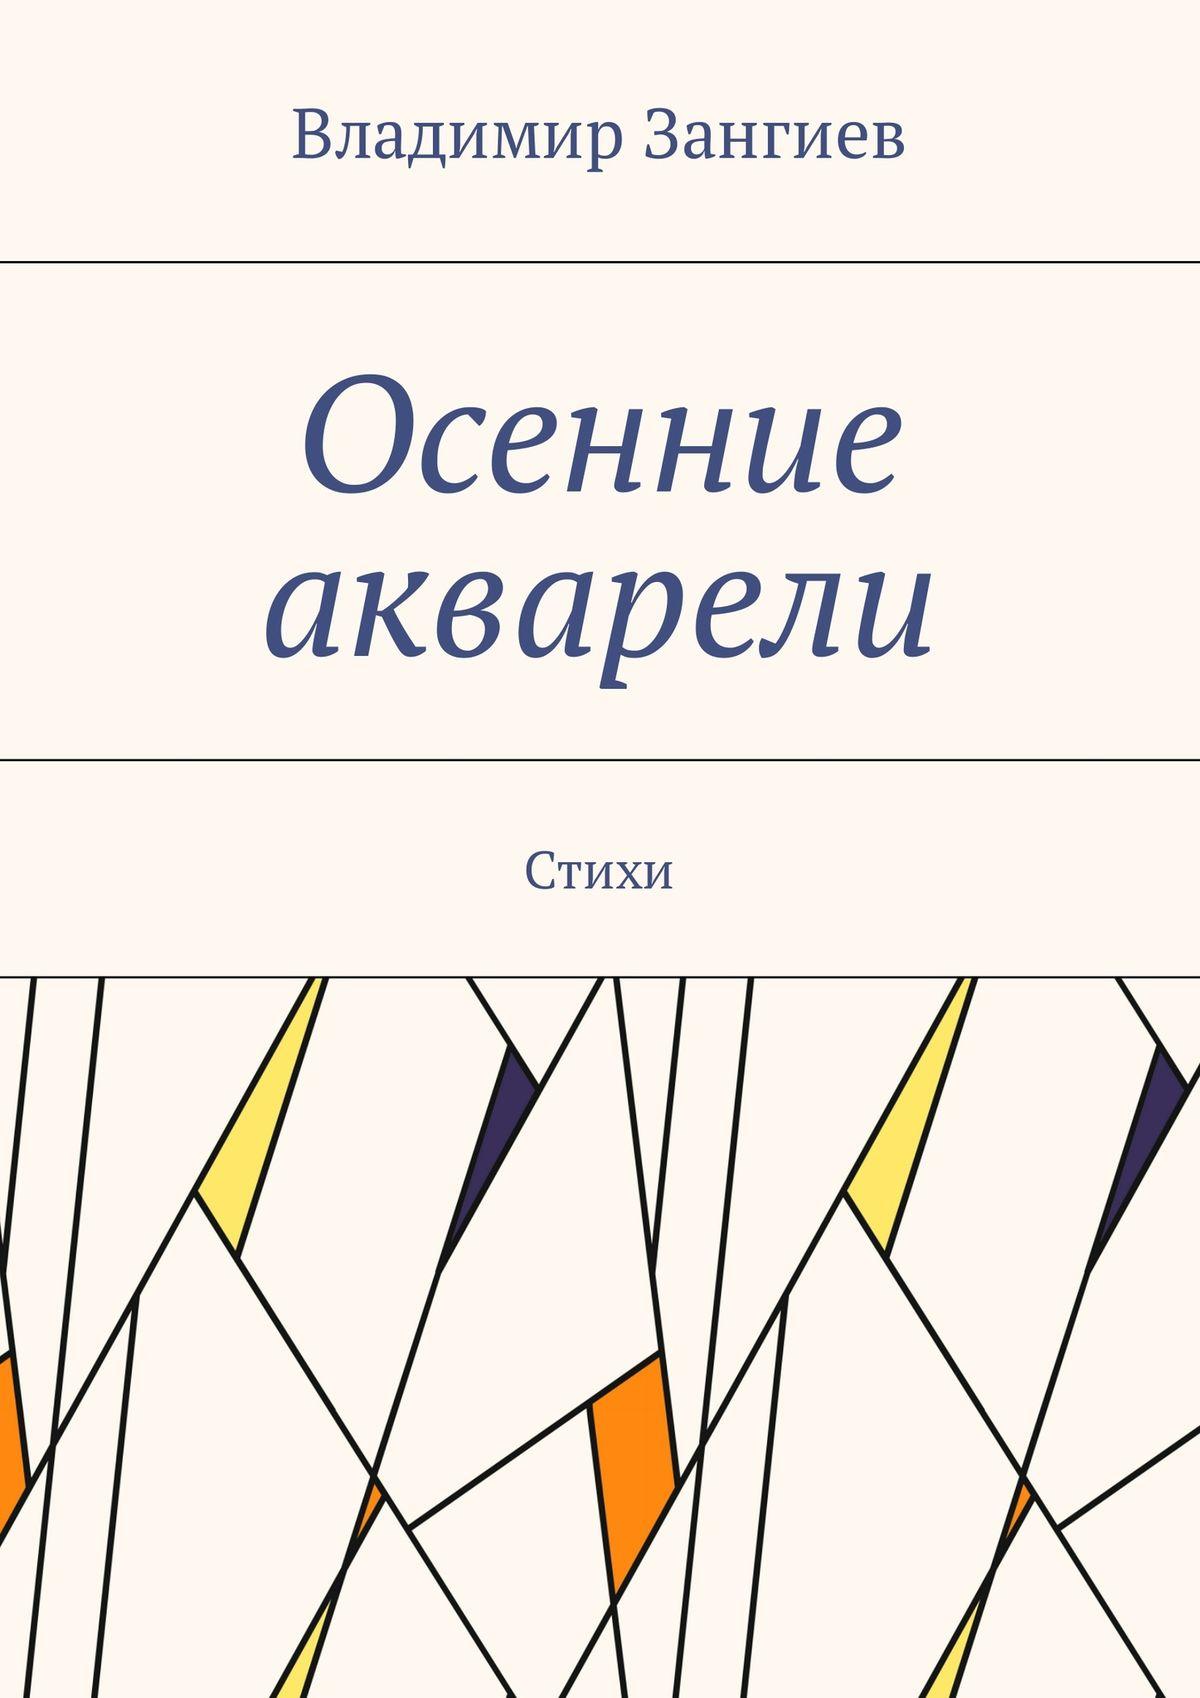 Владимир Зангиев Осенние акварели. Стихи владимир зангиев чужбина не